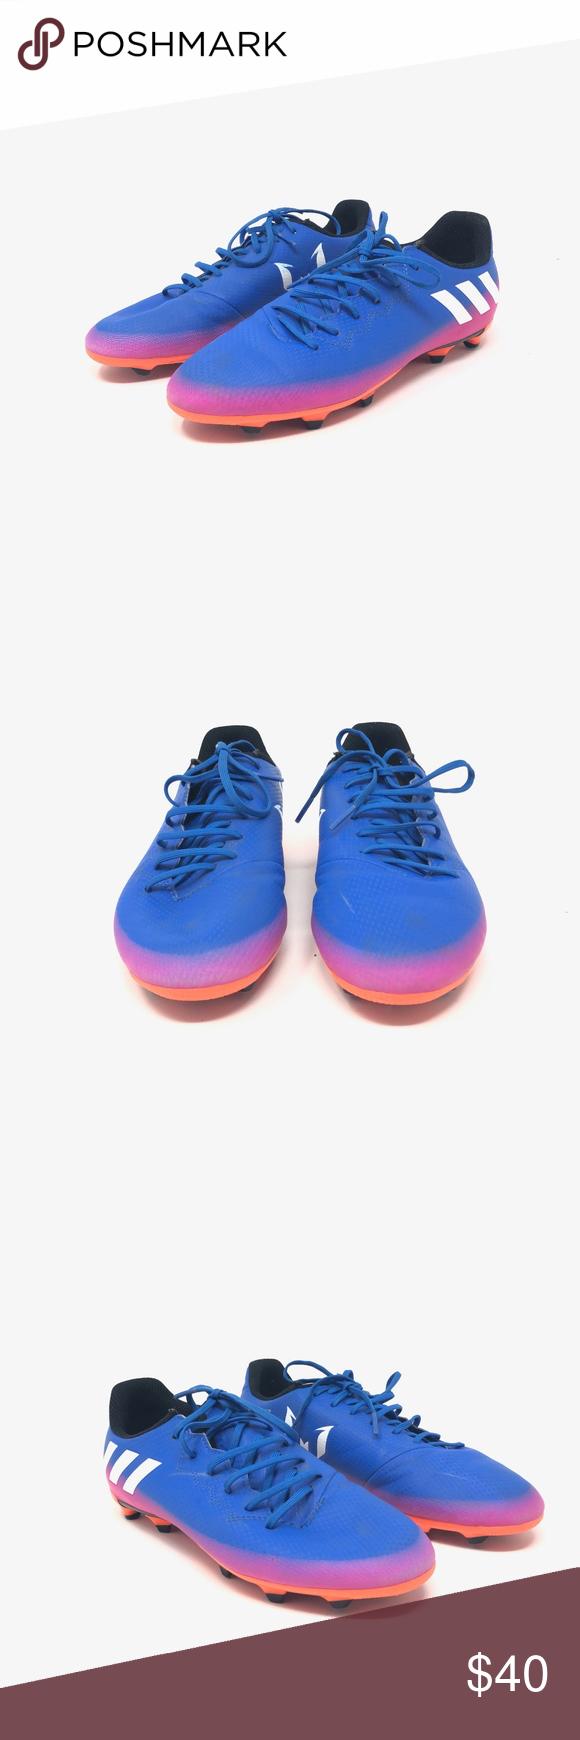 18f0c1cc7 Adidas Messi 16.3 FG Soccer Shoes 5.5 Adidas Performance Mens Messi 16.3 FG  Soccer Training Shoes